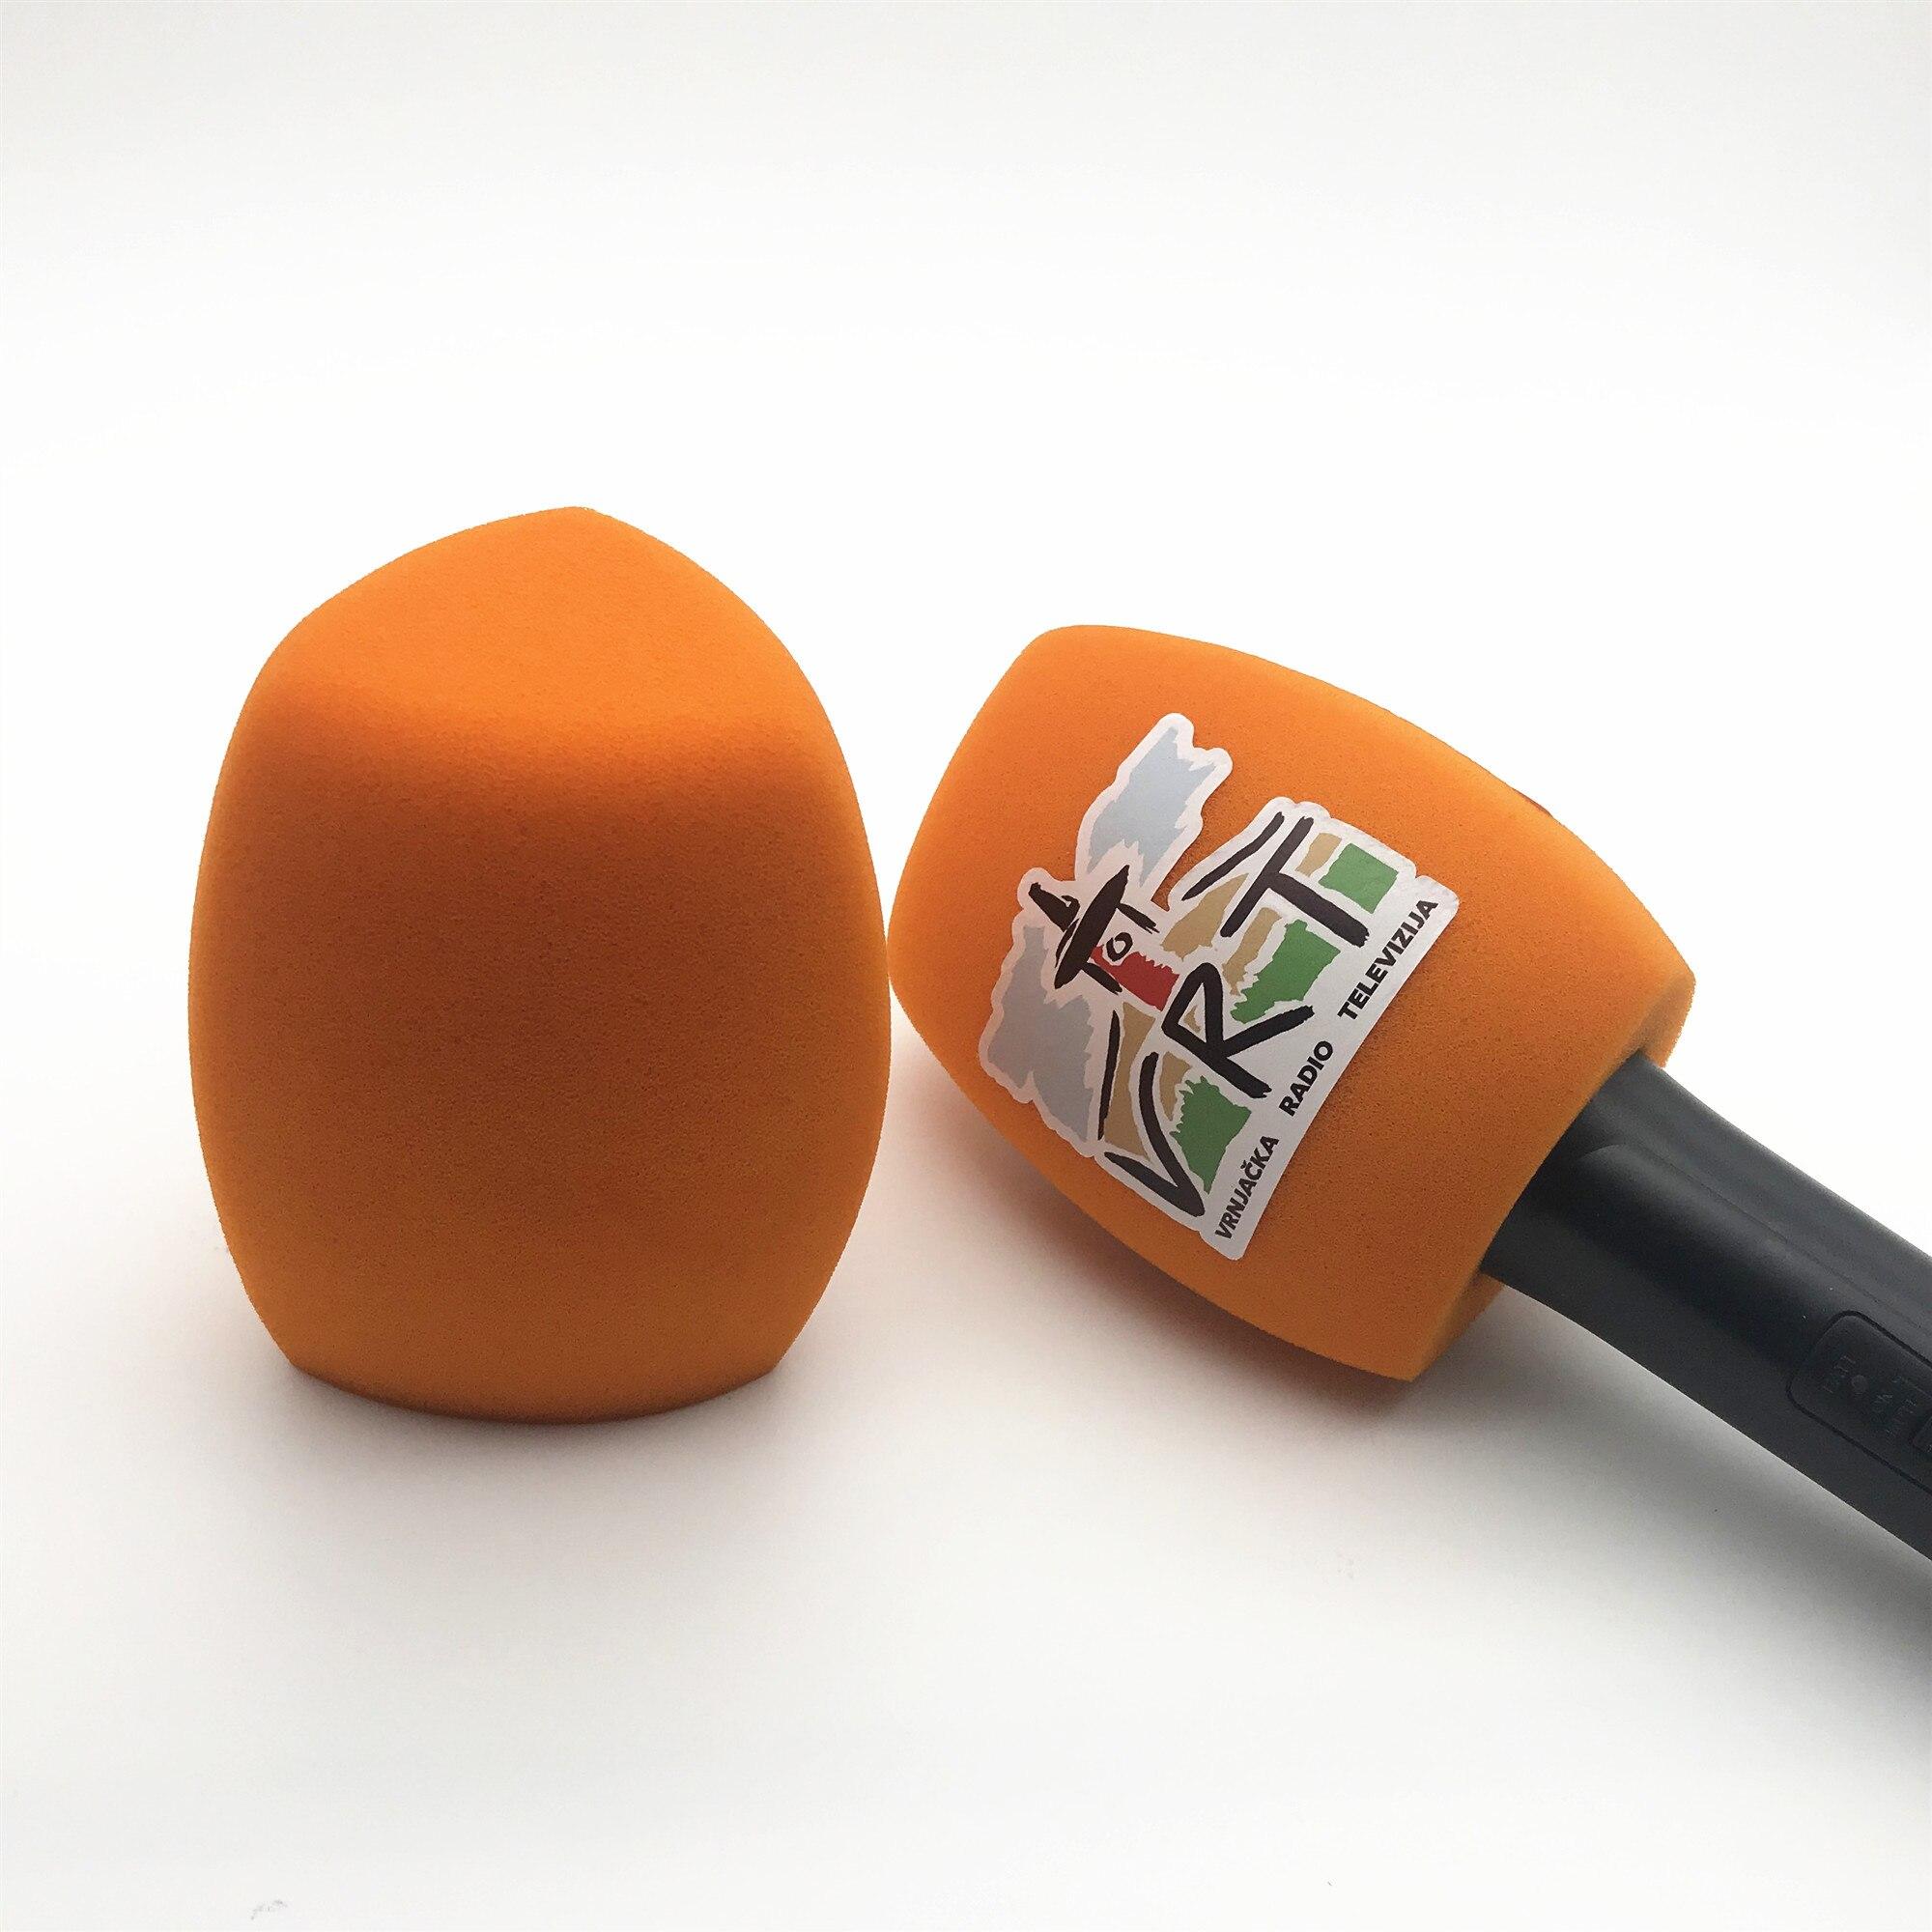 Linhuipad O15 оранжевый цвет Ветрозащита для микрофона настроить логотип ручной лобовое стекло для микрофона Sennheiser 4 см (1.57in)